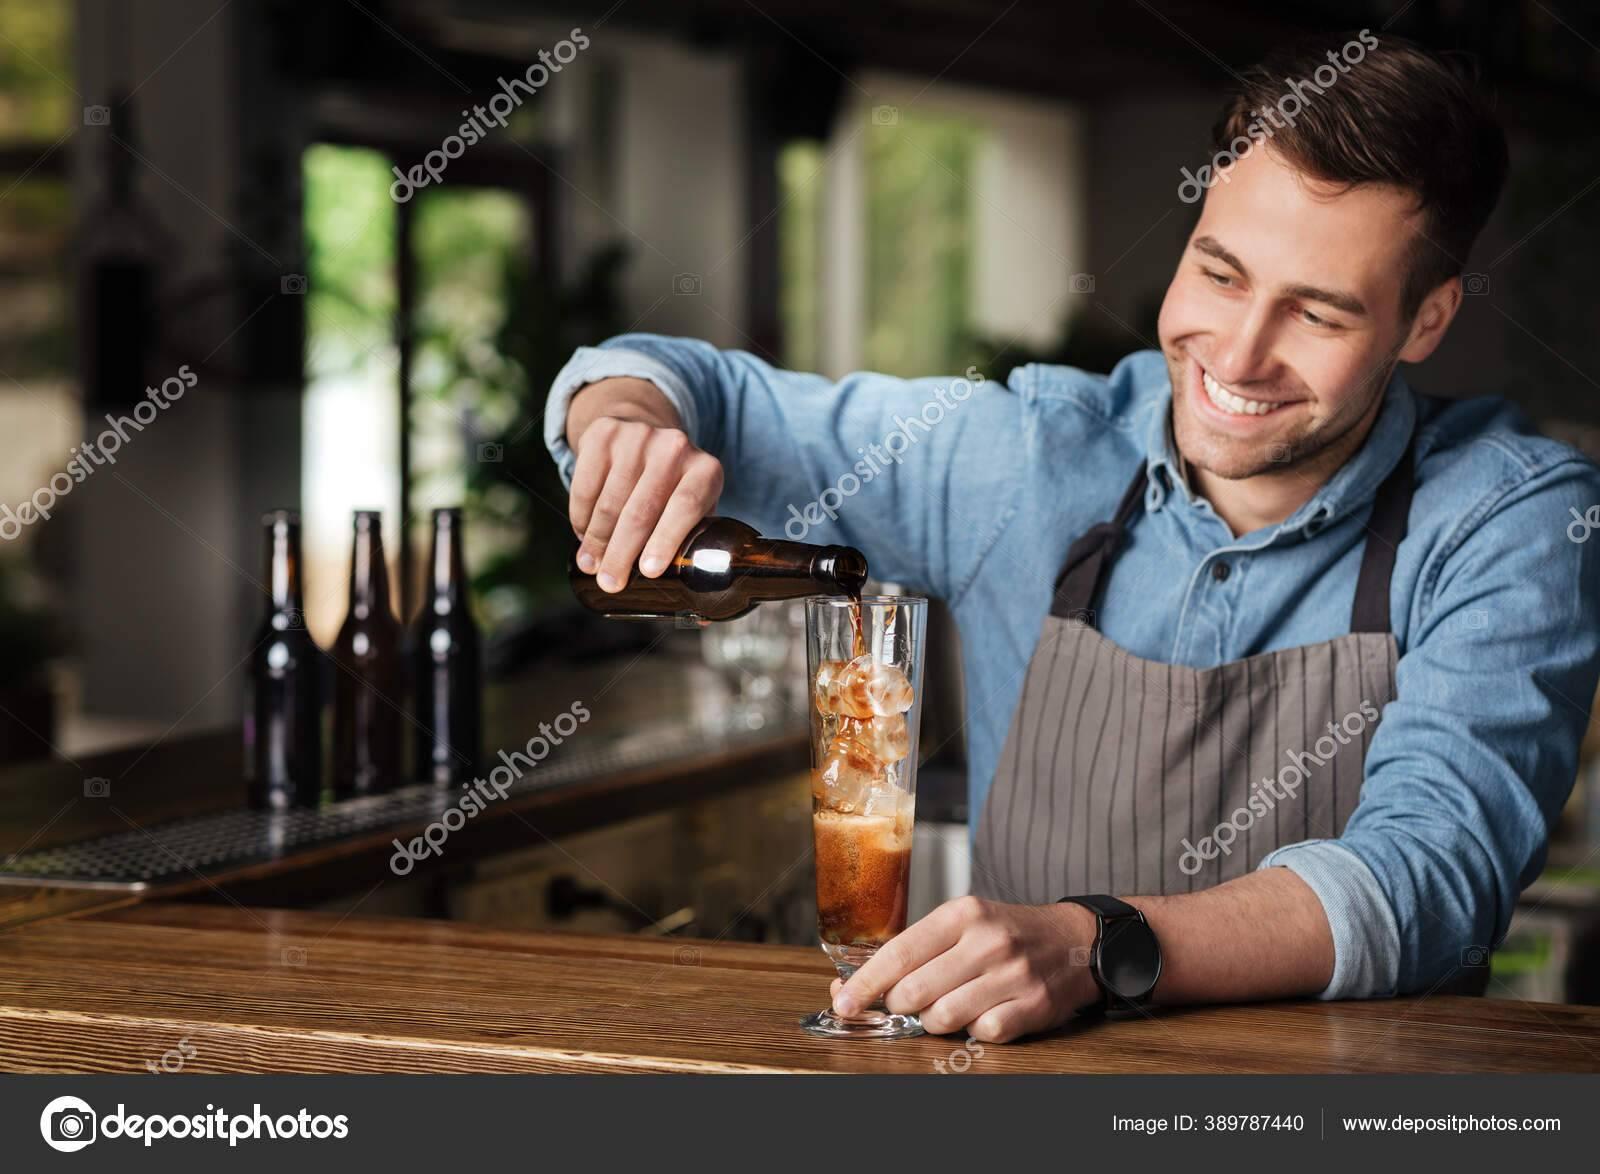 Топ-7 антипохмельных коктейлей или чем лучше опохмелиться